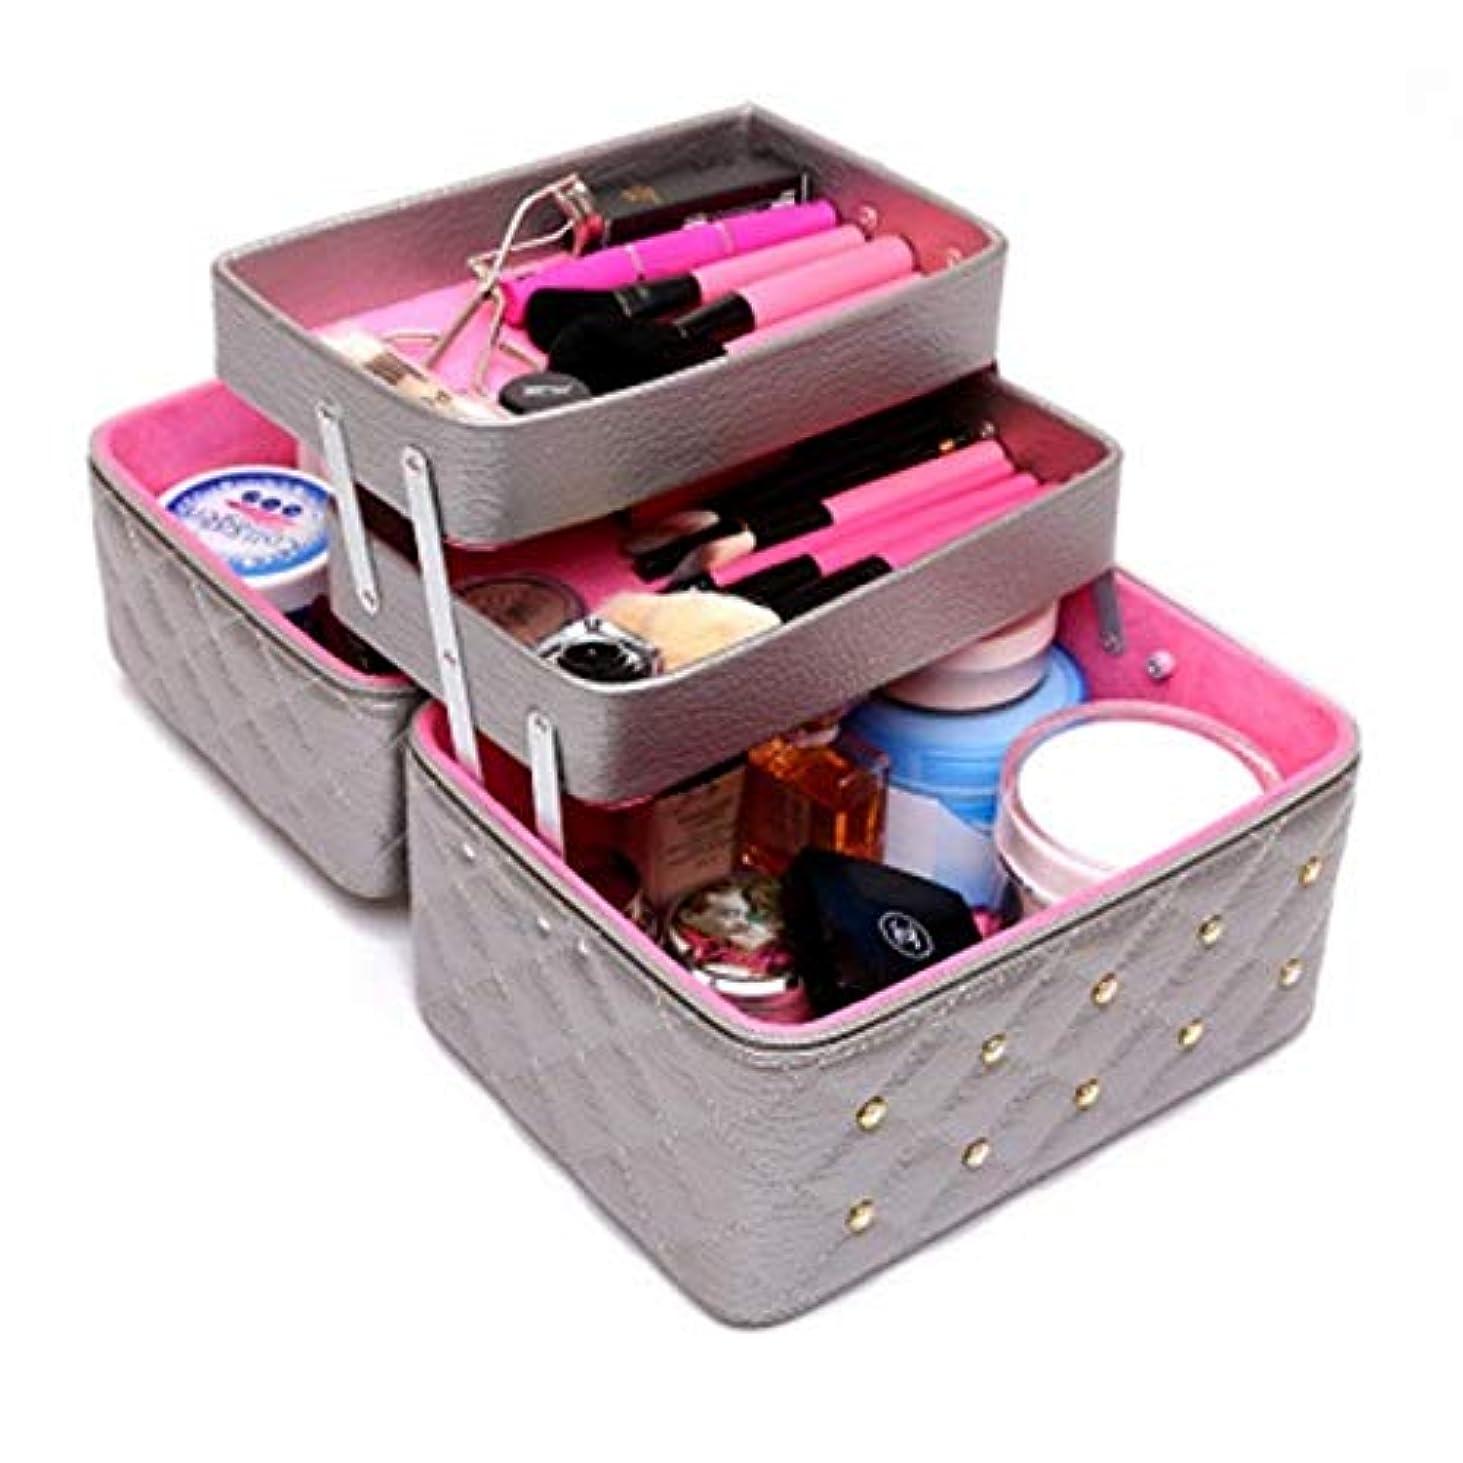 祭司変装提供された持ち運びできる メイクボックス 大容量 取っ手付き コスメボックス 化粧品収納ボックス 収納ケース 小物入れ (ライトグレー)